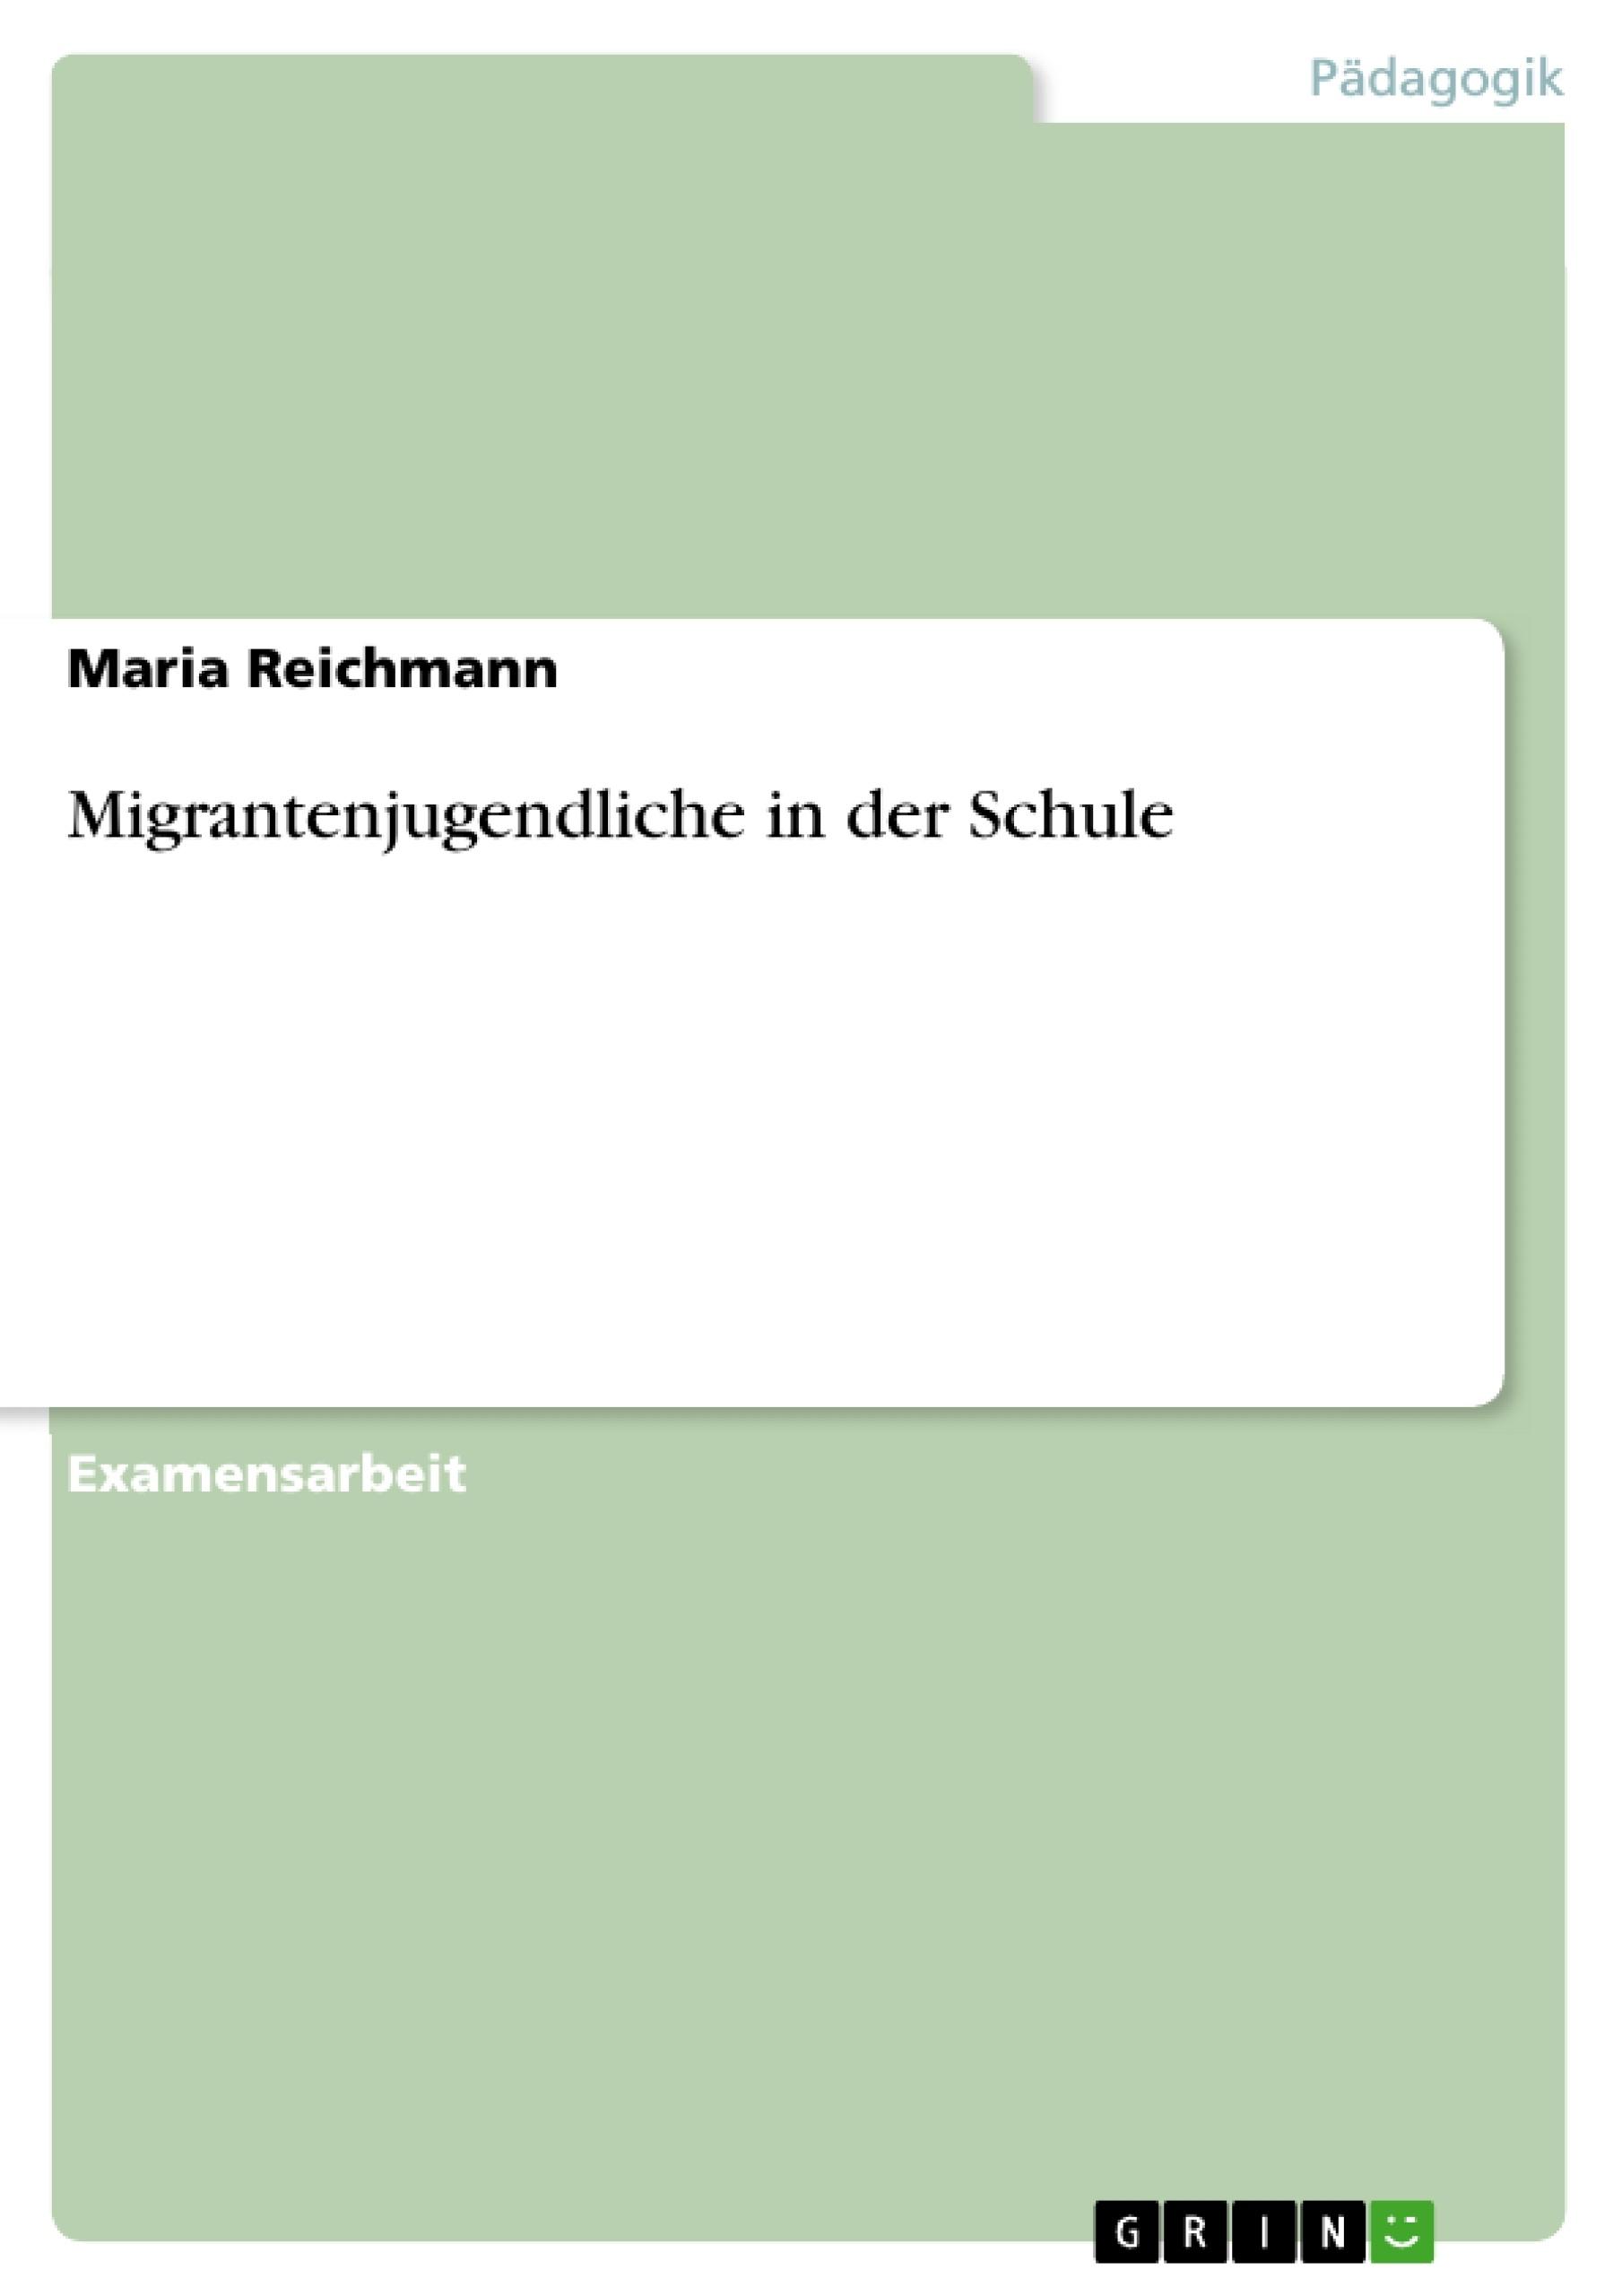 Titel: Migrantenjugendliche in der Schule